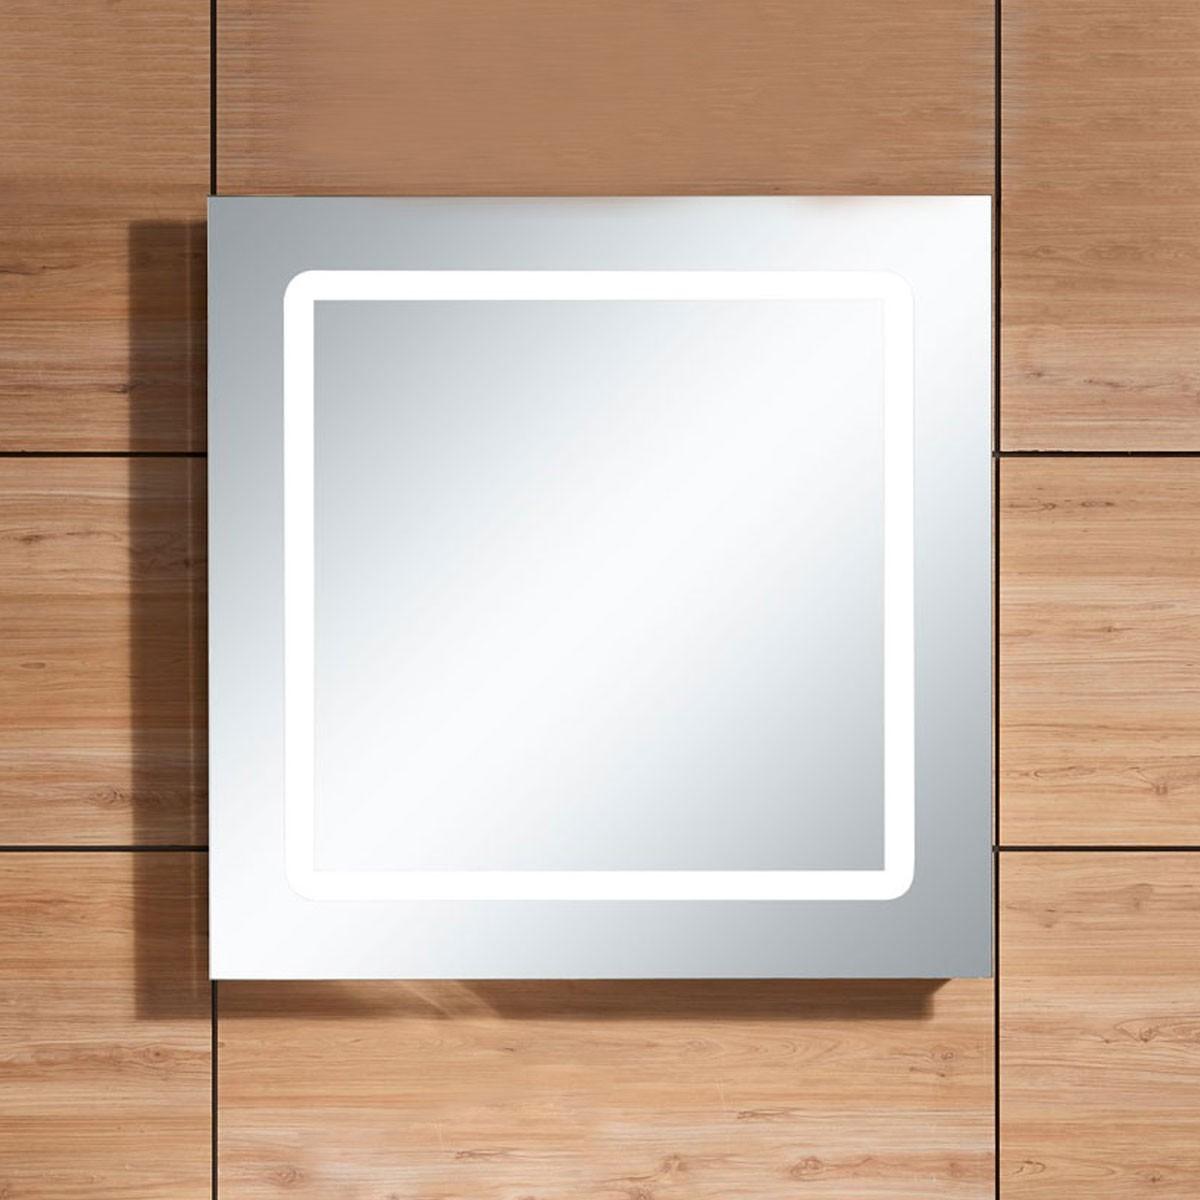 31 x 24 po Miroir LED (DK-669800-M)